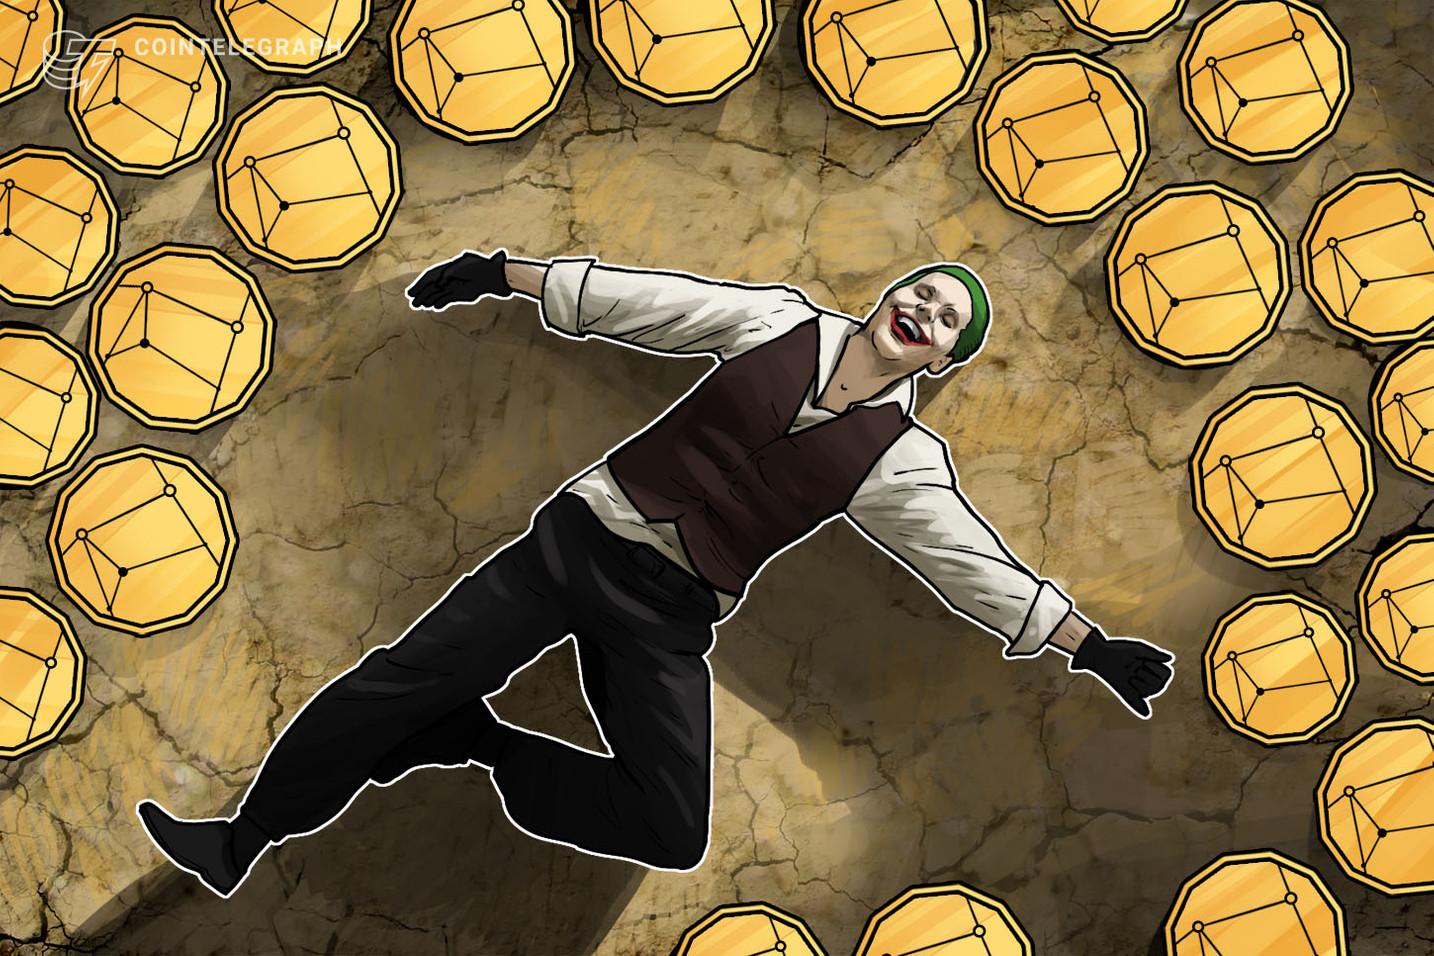 オーストラリア規制当局、仮想通貨詐欺について新たに警告